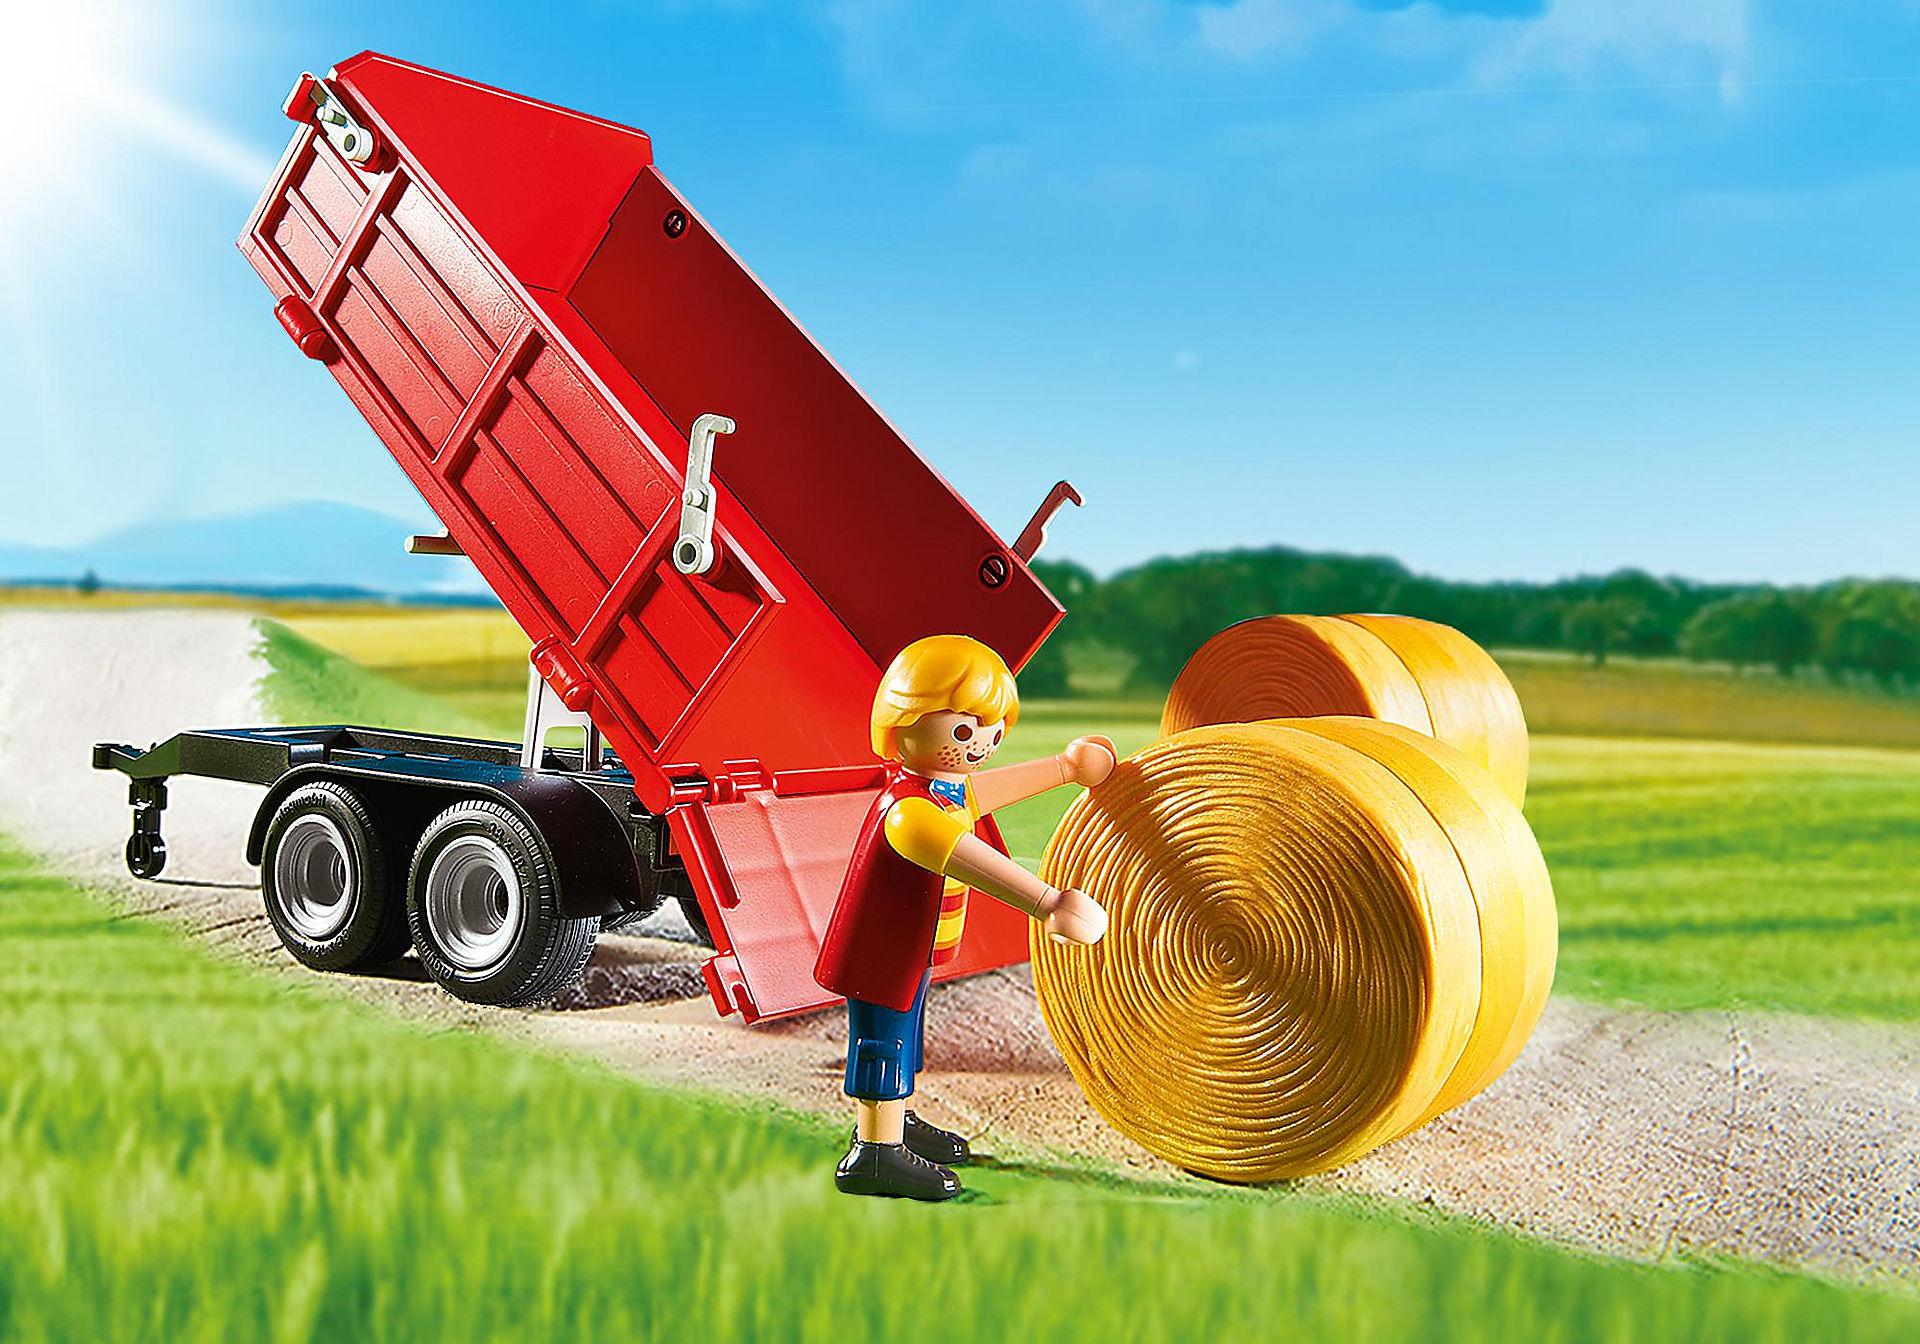 http://media.playmobil.com/i/playmobil/6130_product_extra1/Stor traktor med släp